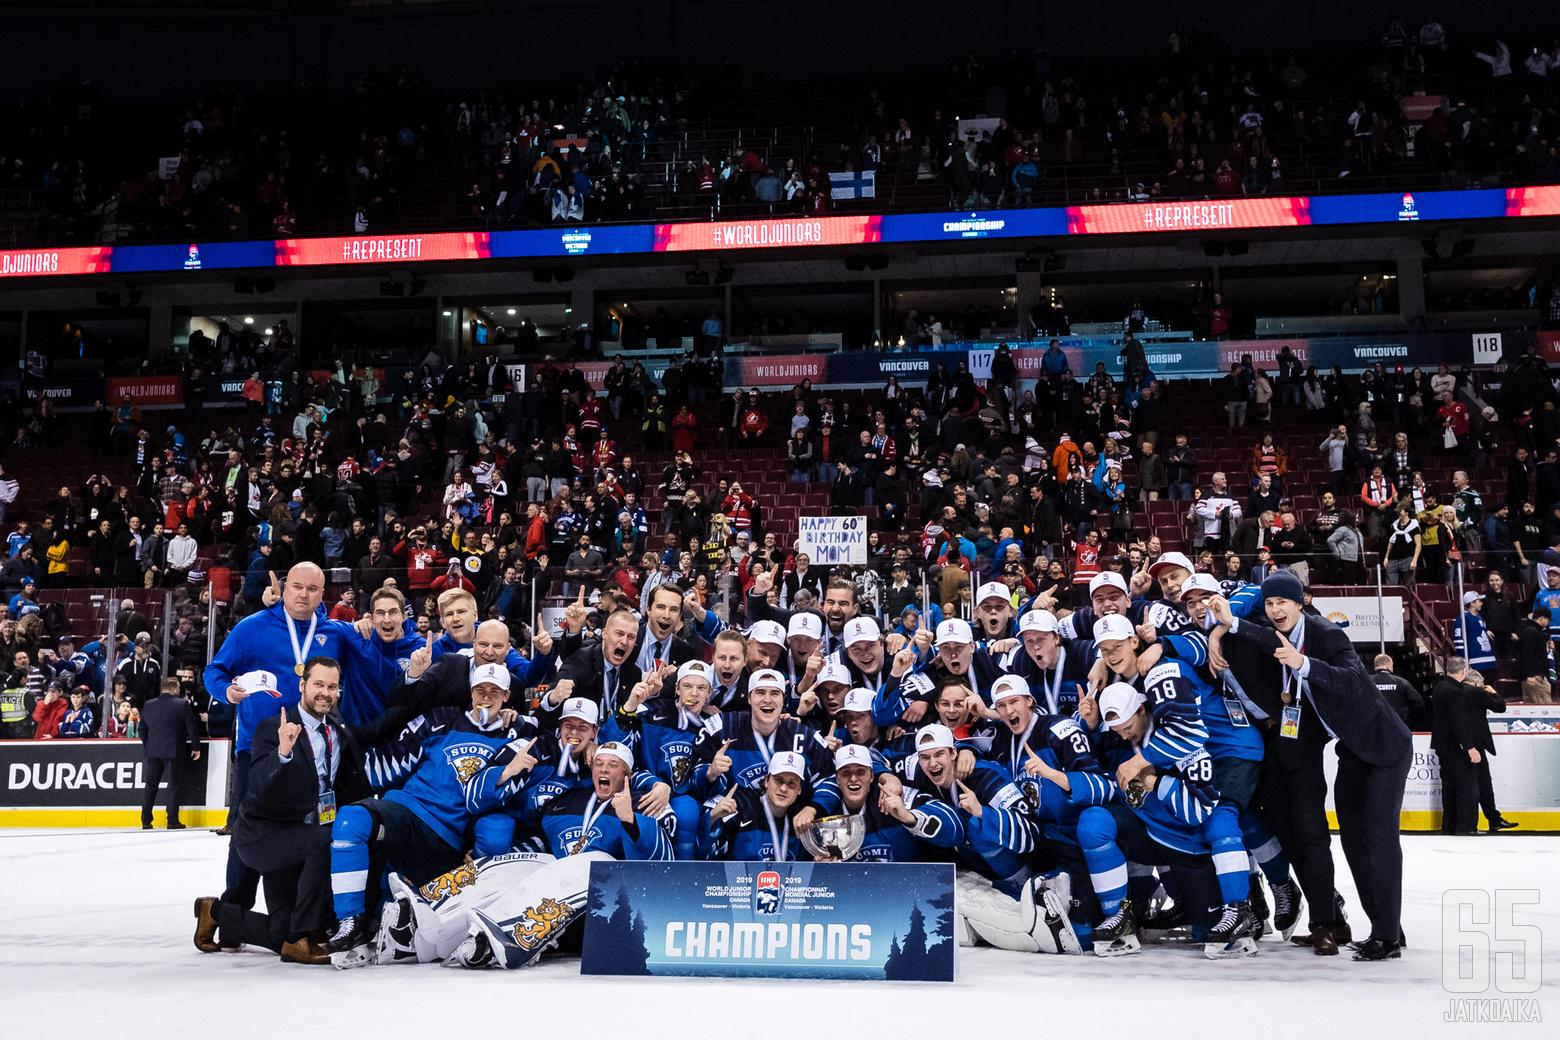 jääkiekon Nuorten MM-kisojen ottelussa USA - Suomi, Rogers Arenassa, 5. tammikuuta 2019.